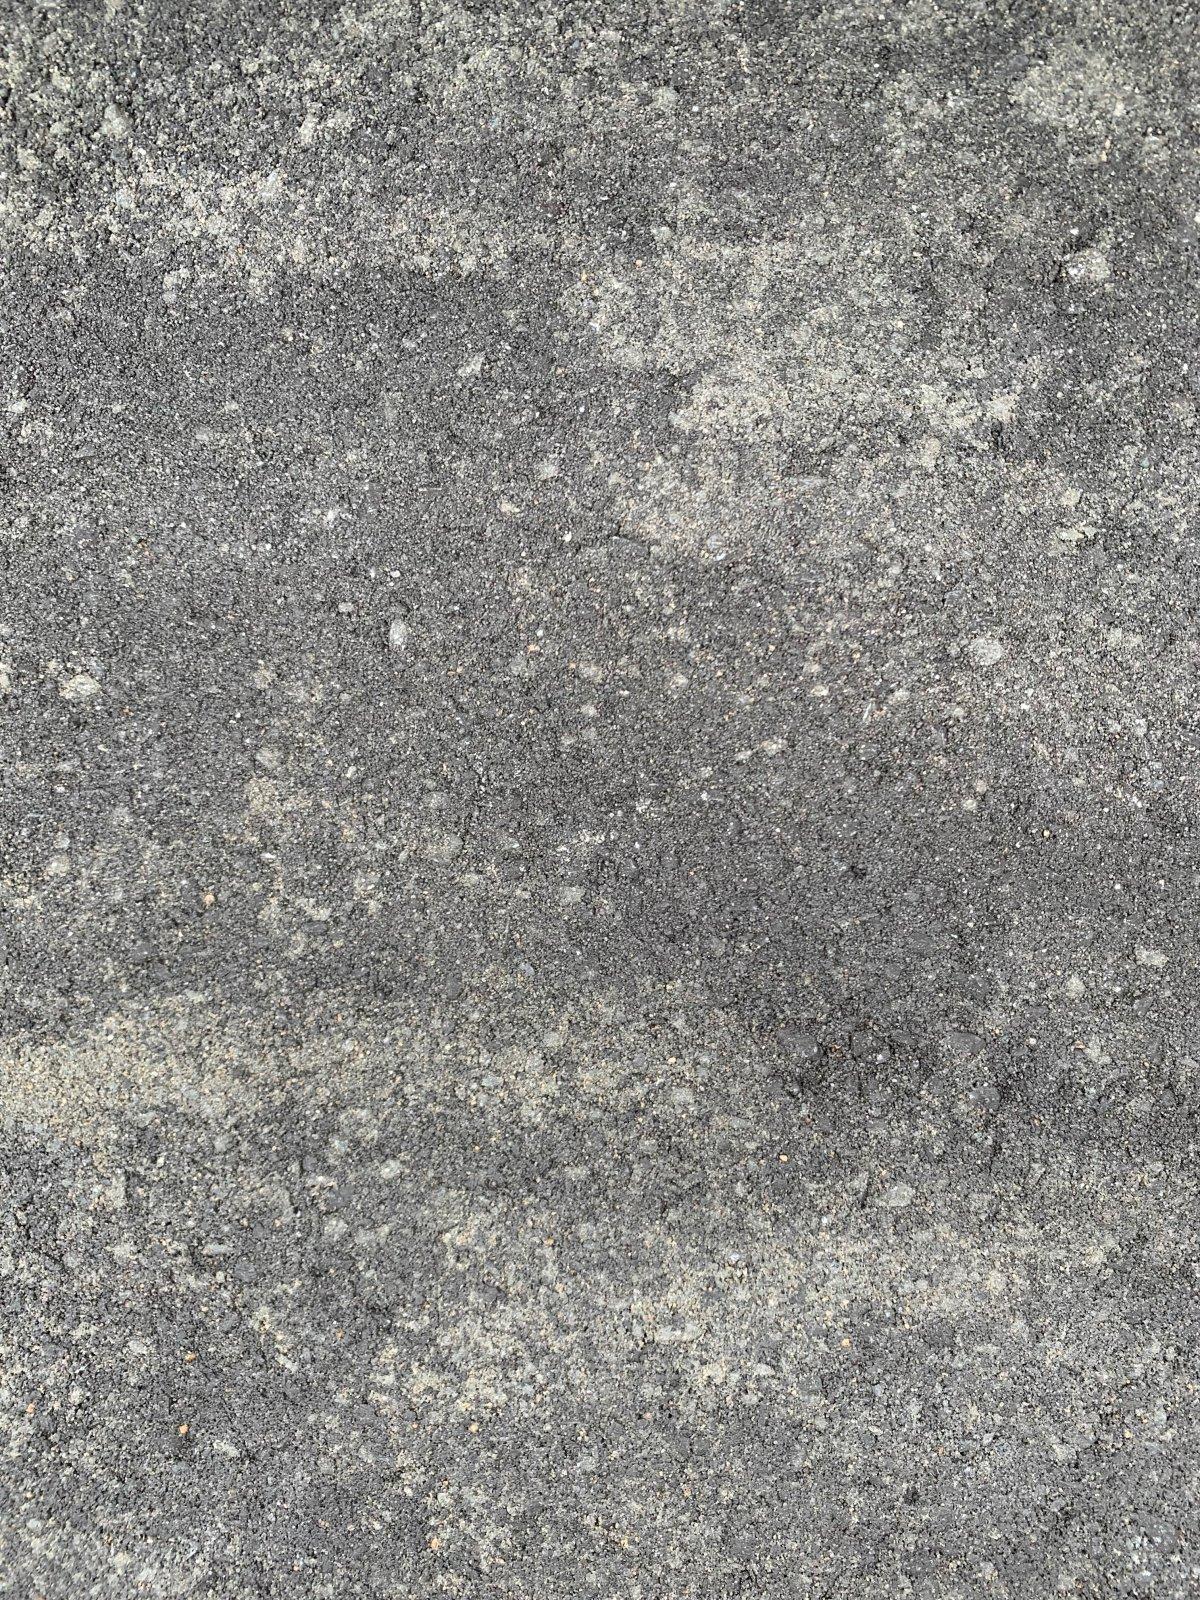 Paver - Belgard Dimensions18